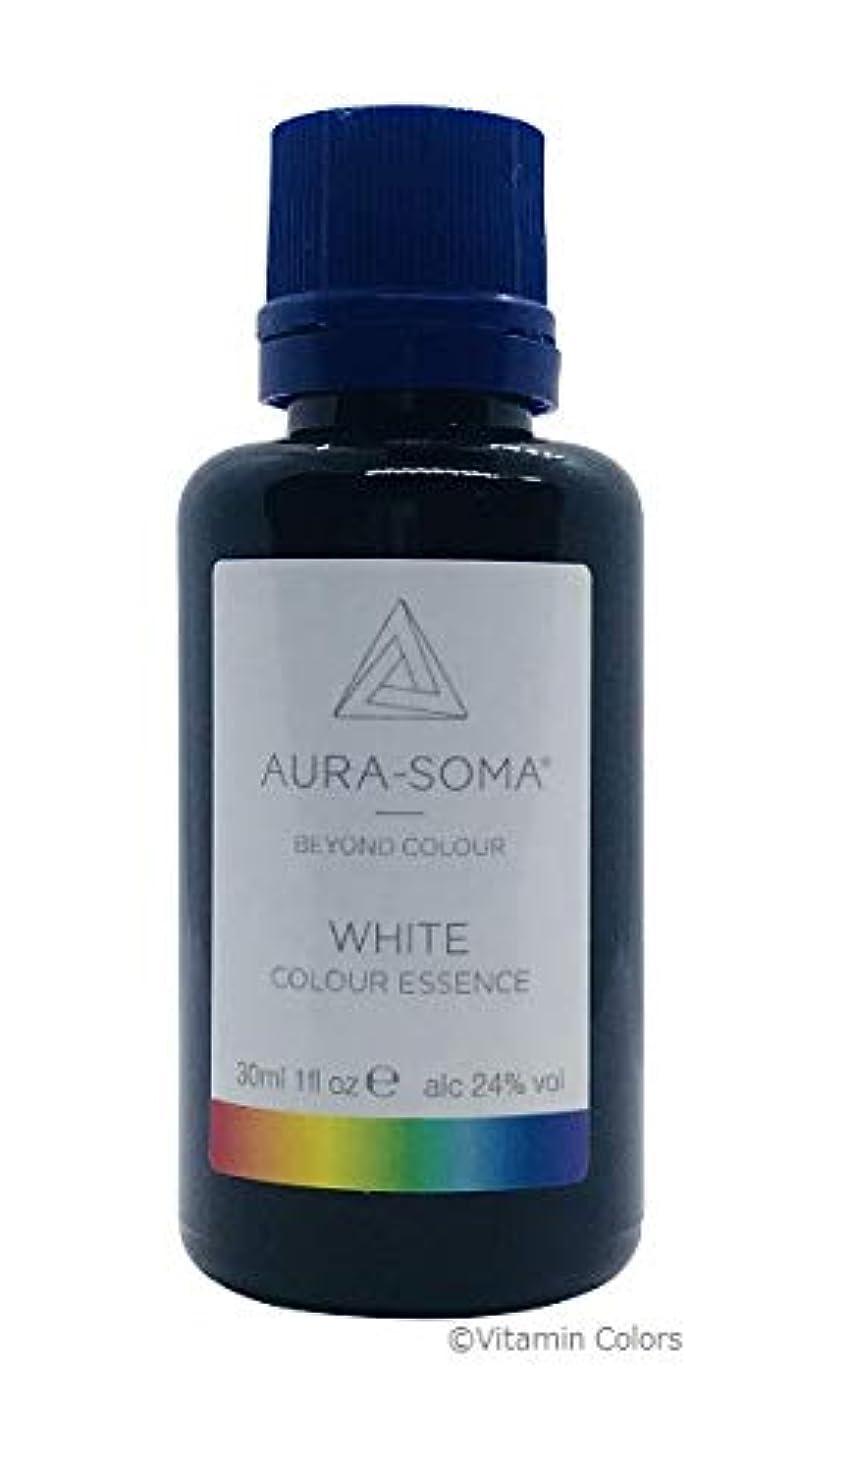 ランタンおんどり制限するオーラソーマ カラーエッセンス ホワイト/30ml Aurasoma